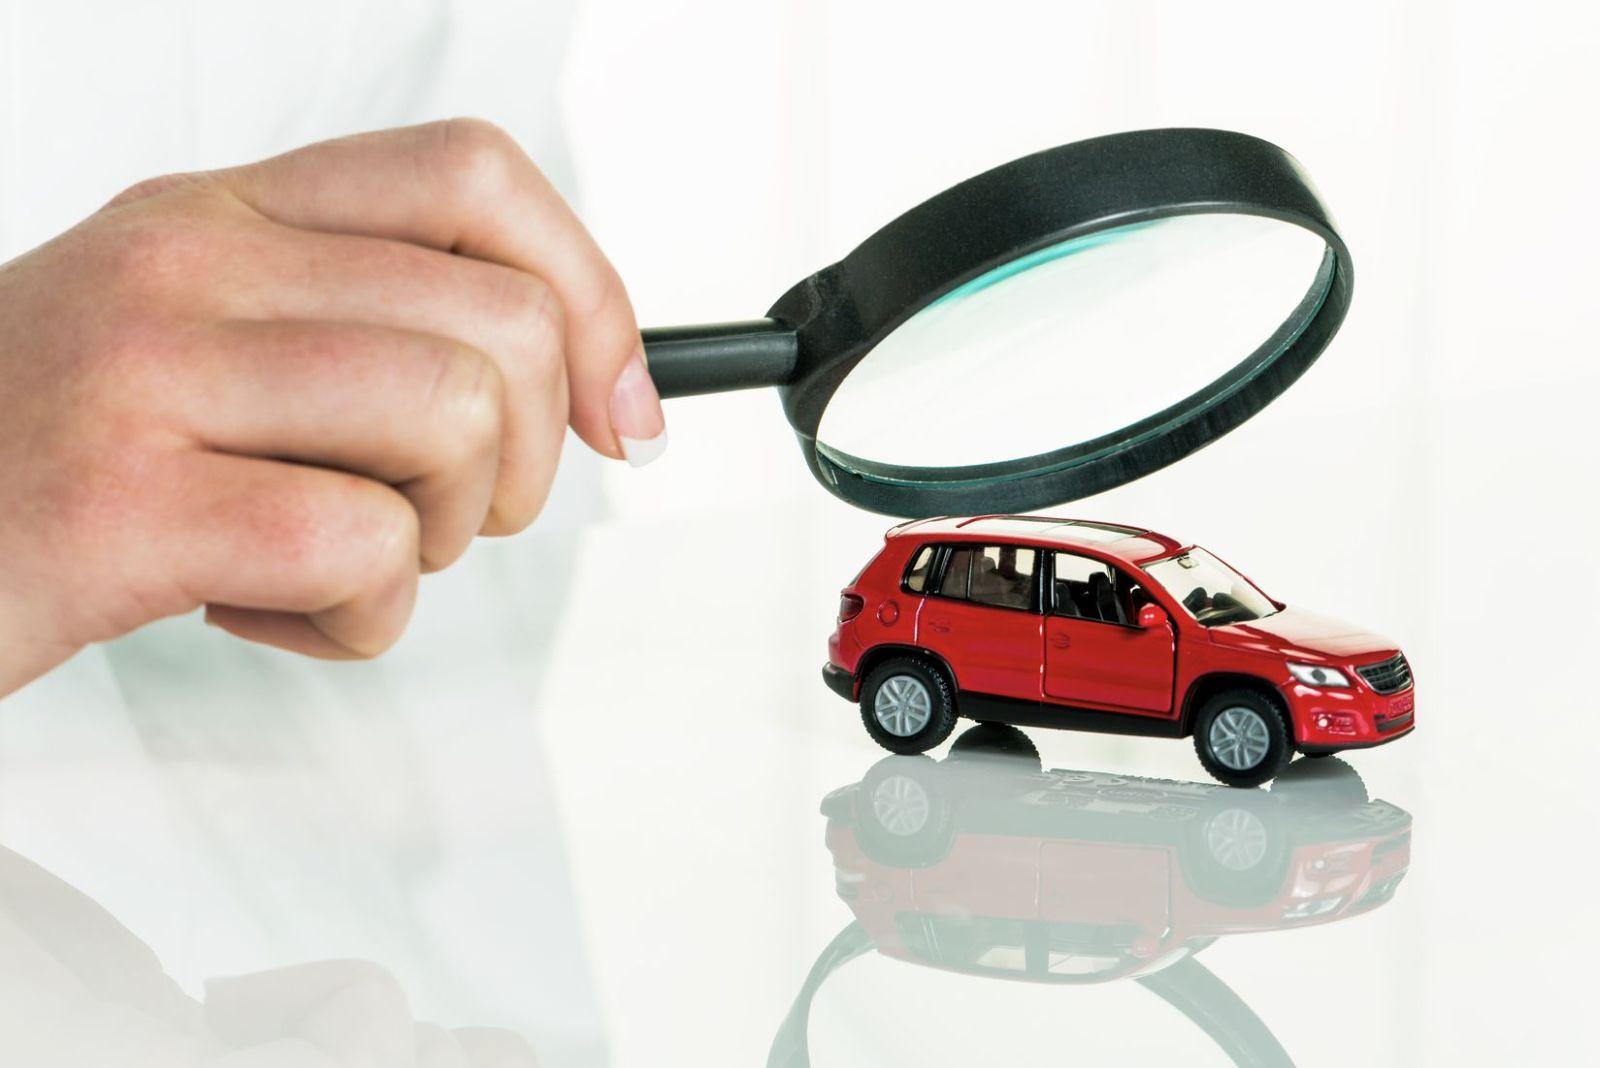 Motor Vehicle Department Nj Vehicle Ideas